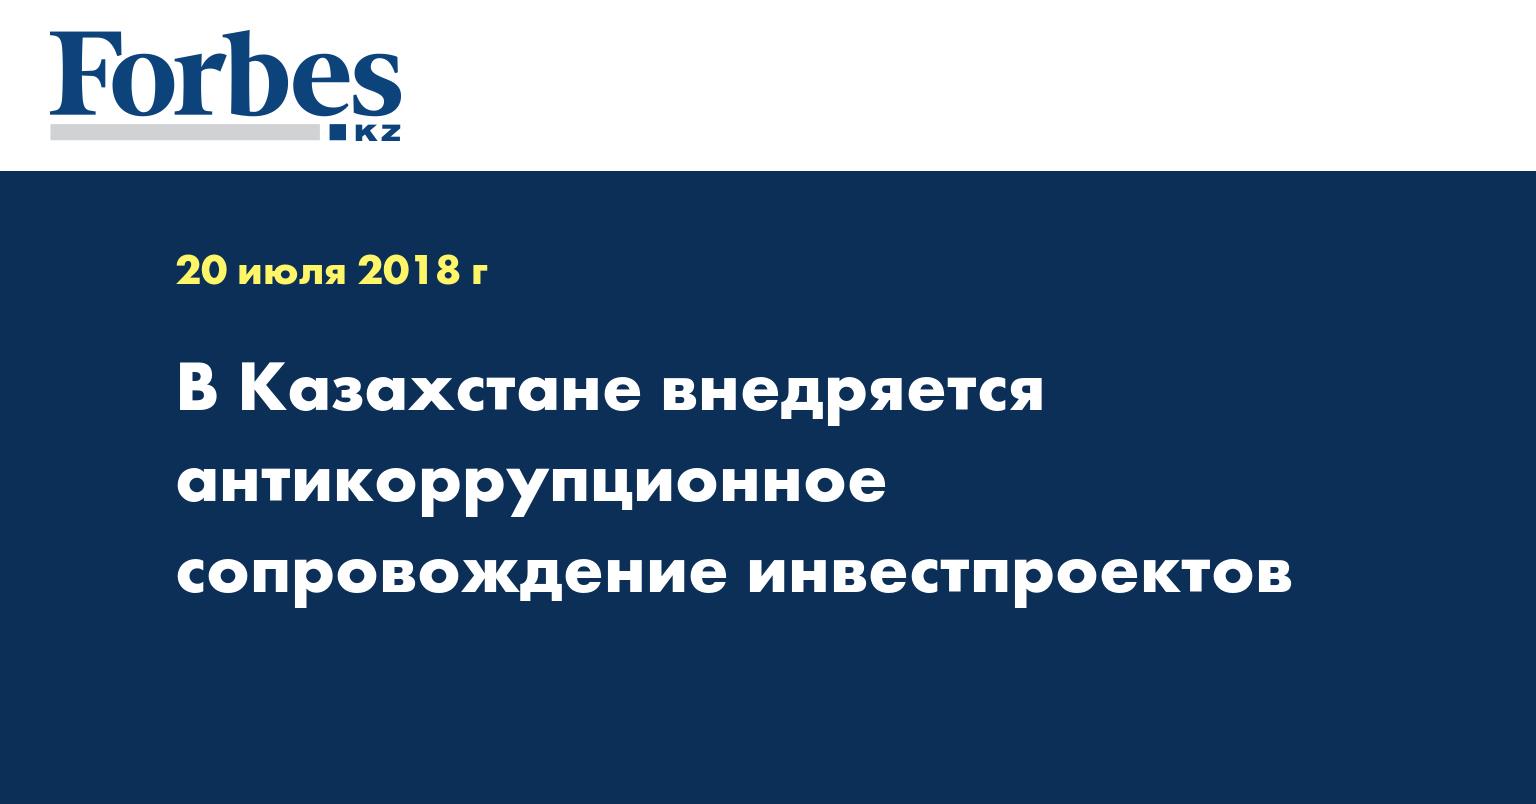 В Казахстане внедряется антикоррупционное сопровождение инвестпроектов